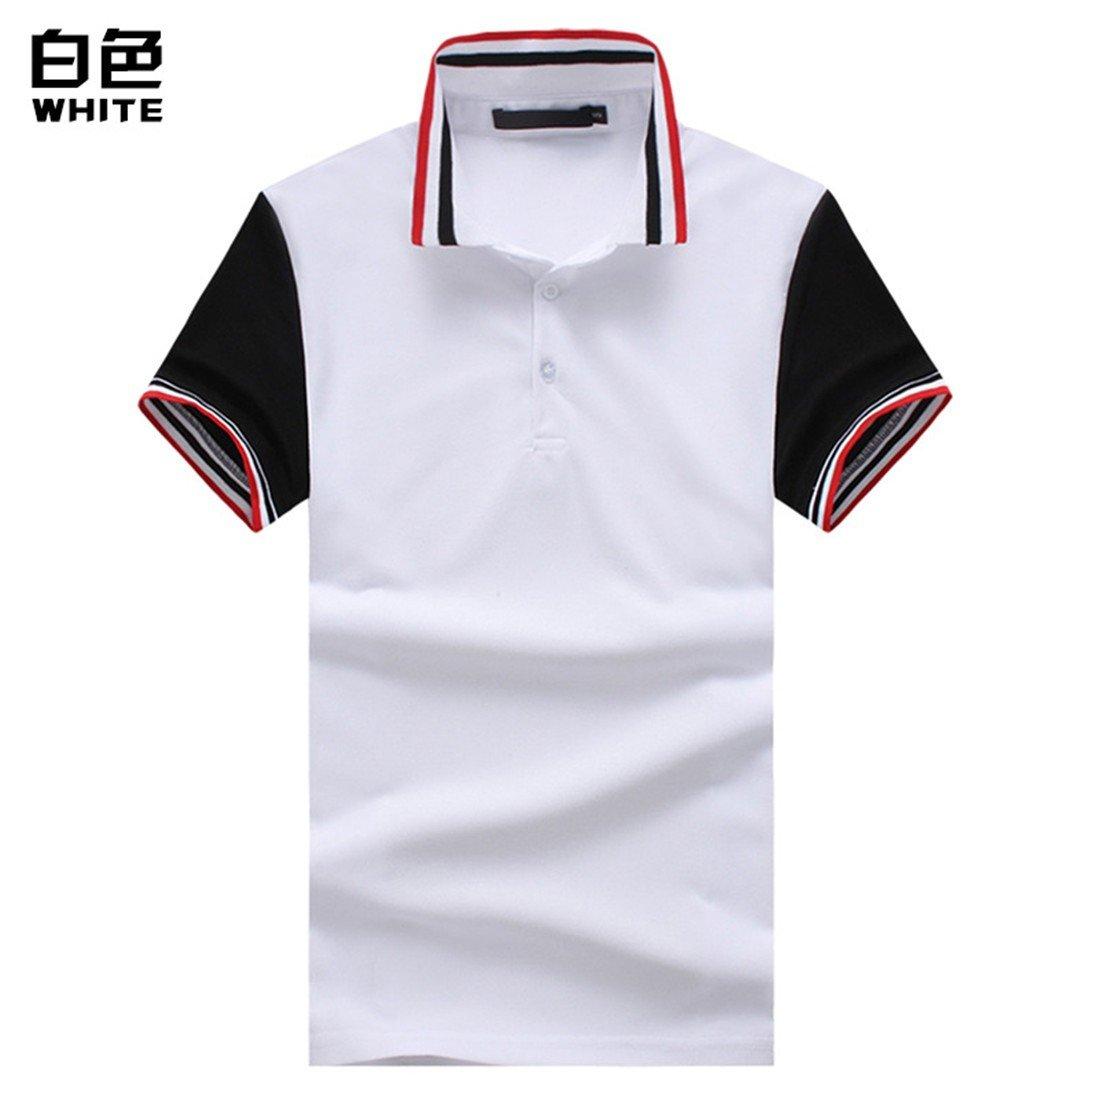 YU & xin-men衣服の夏ファッションメンズThreaded襟半袖ポロshirt-yu & Xin Small ホワイト B07CSLXGXQ